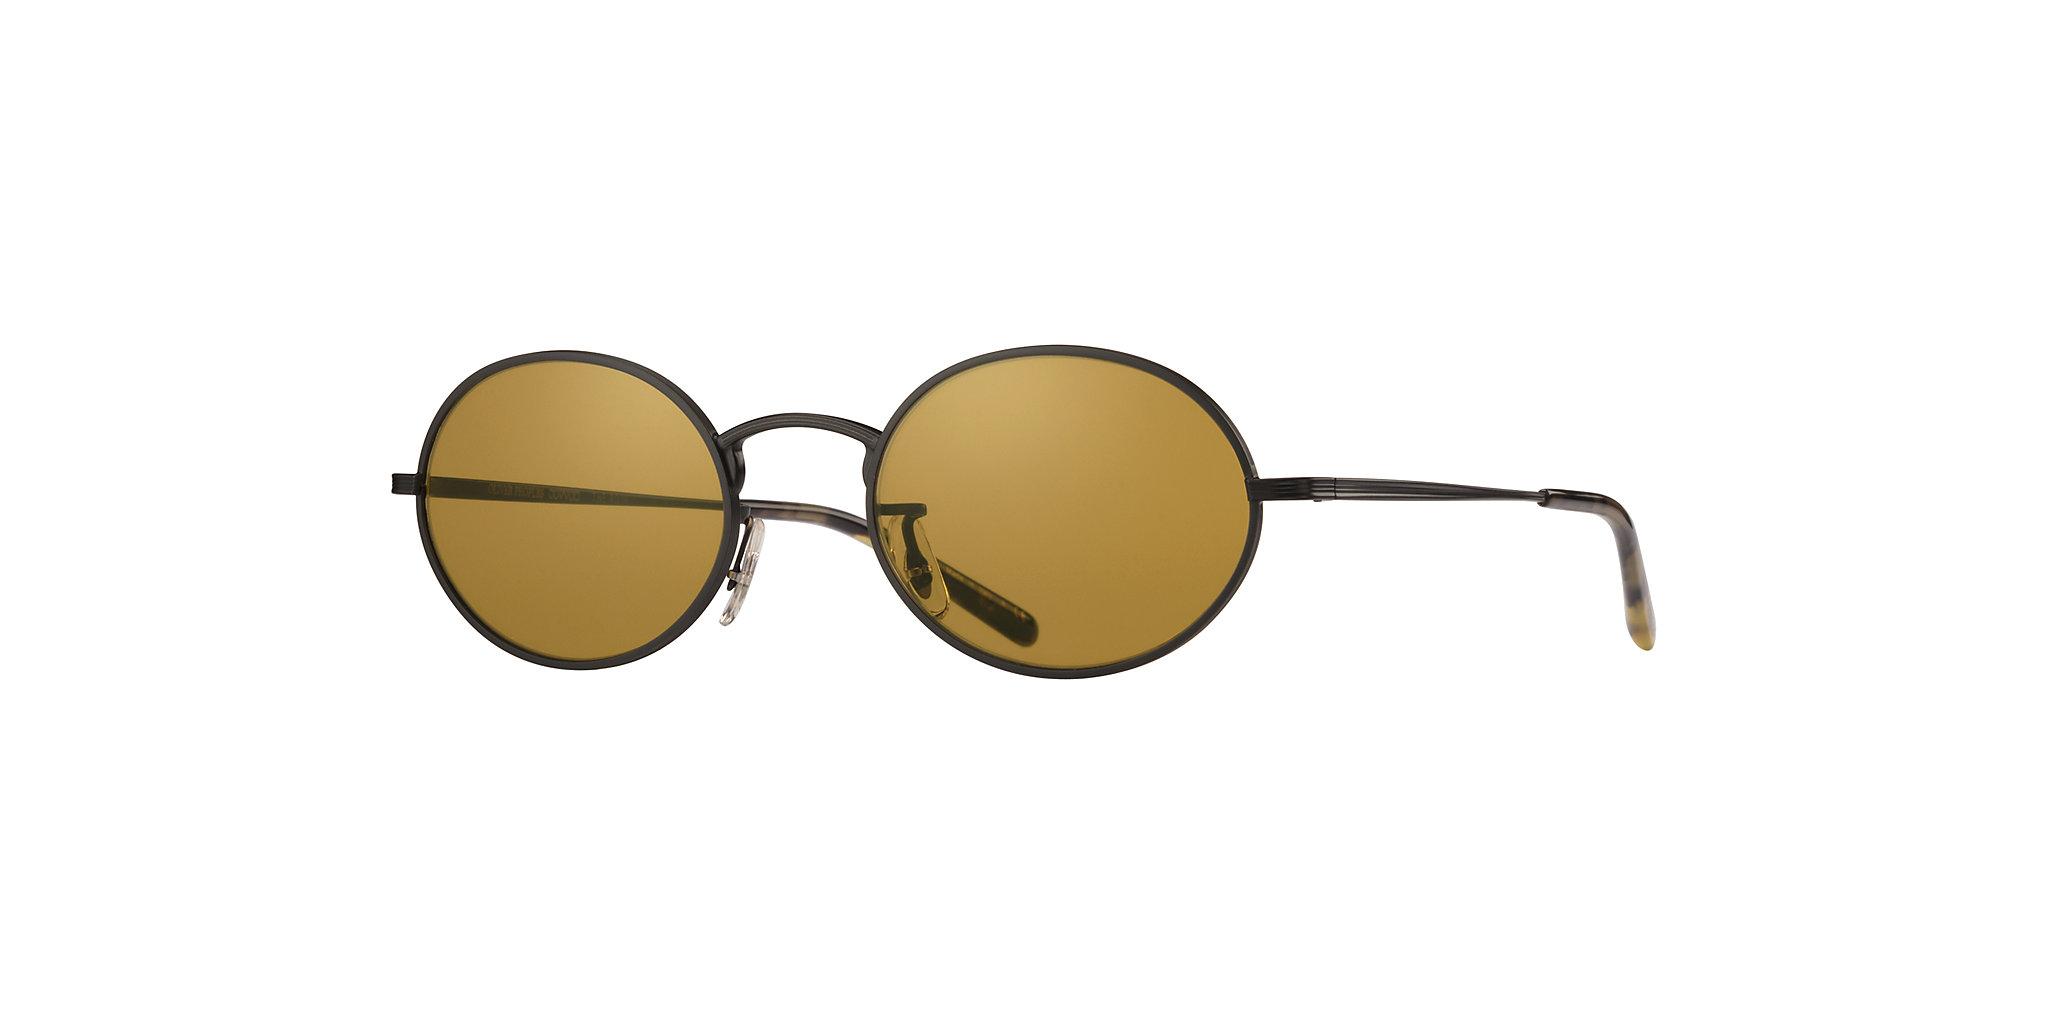 9b0a57ebf1e Brands Sun OV1207S - Noir Opaque - Deep Amber - Métal